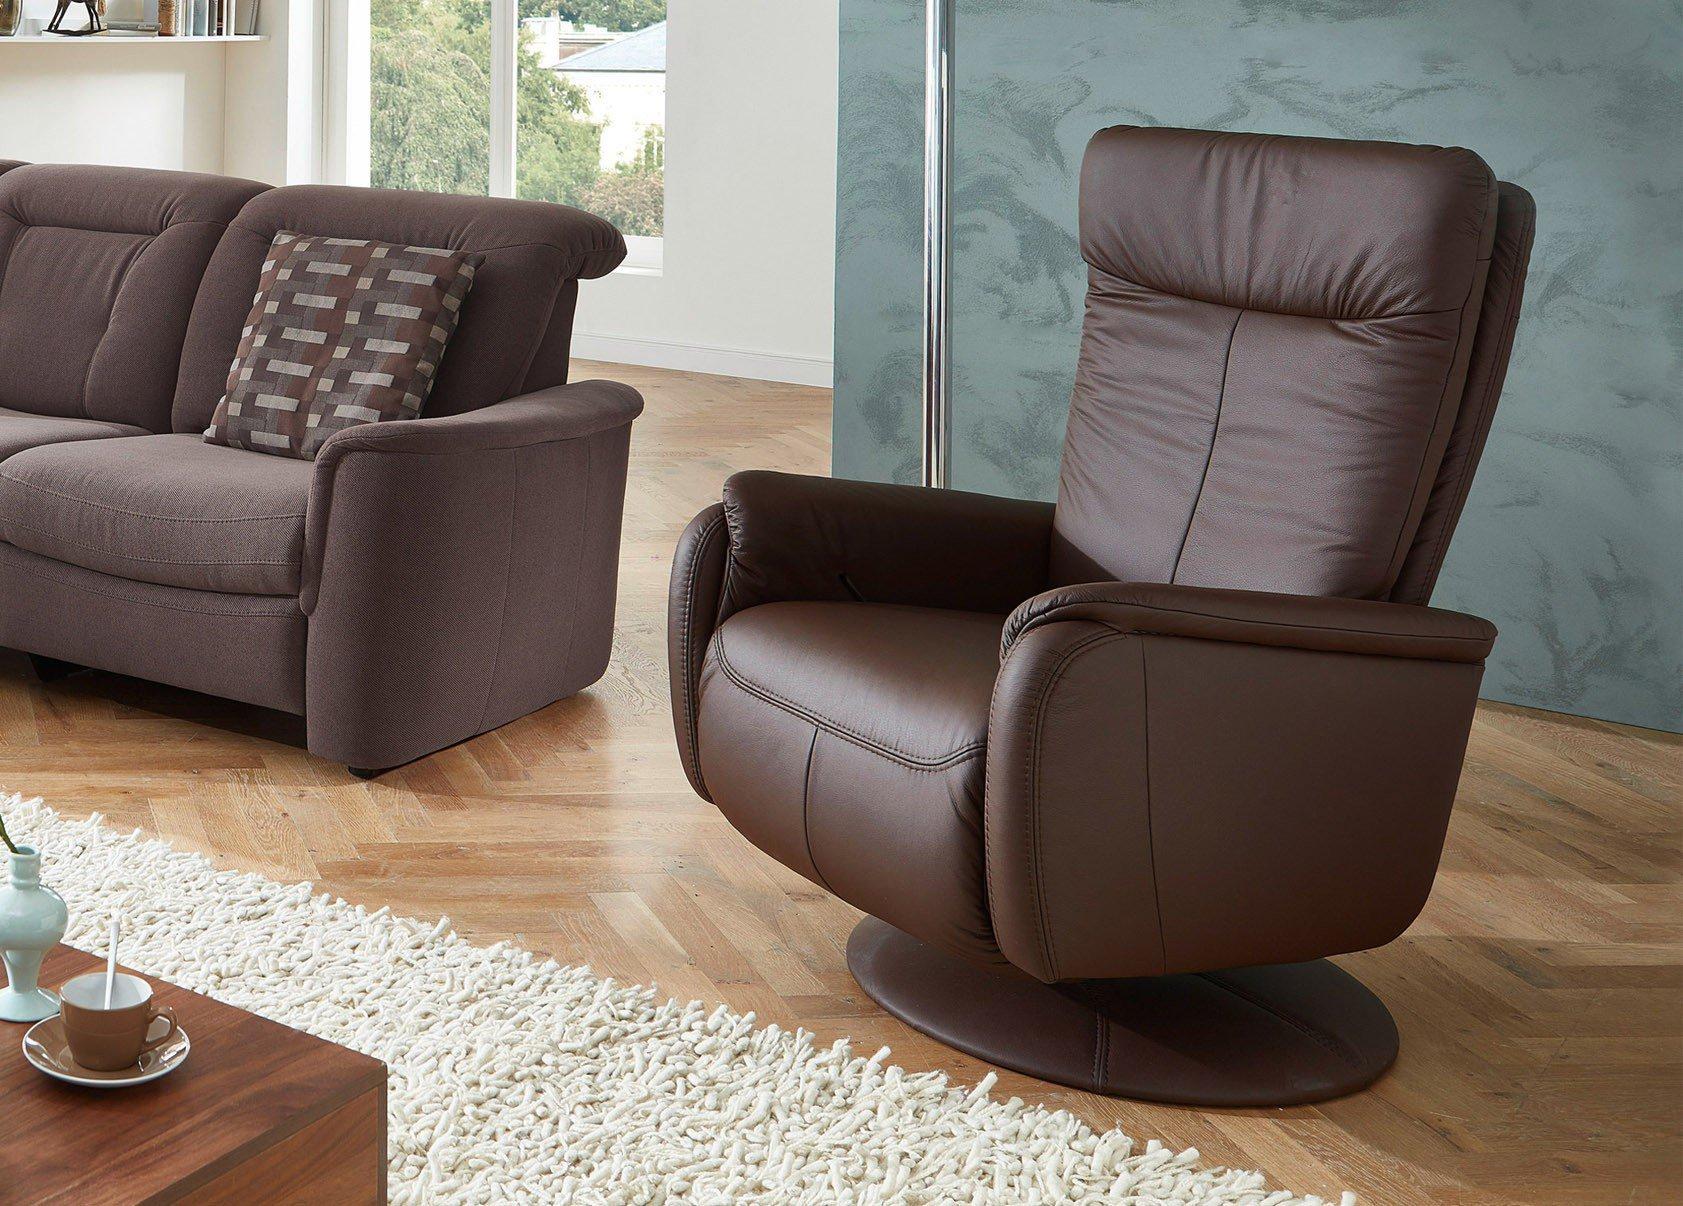 pm oelsa palermo sofaecke in braun m bel letz ihr online shop. Black Bedroom Furniture Sets. Home Design Ideas